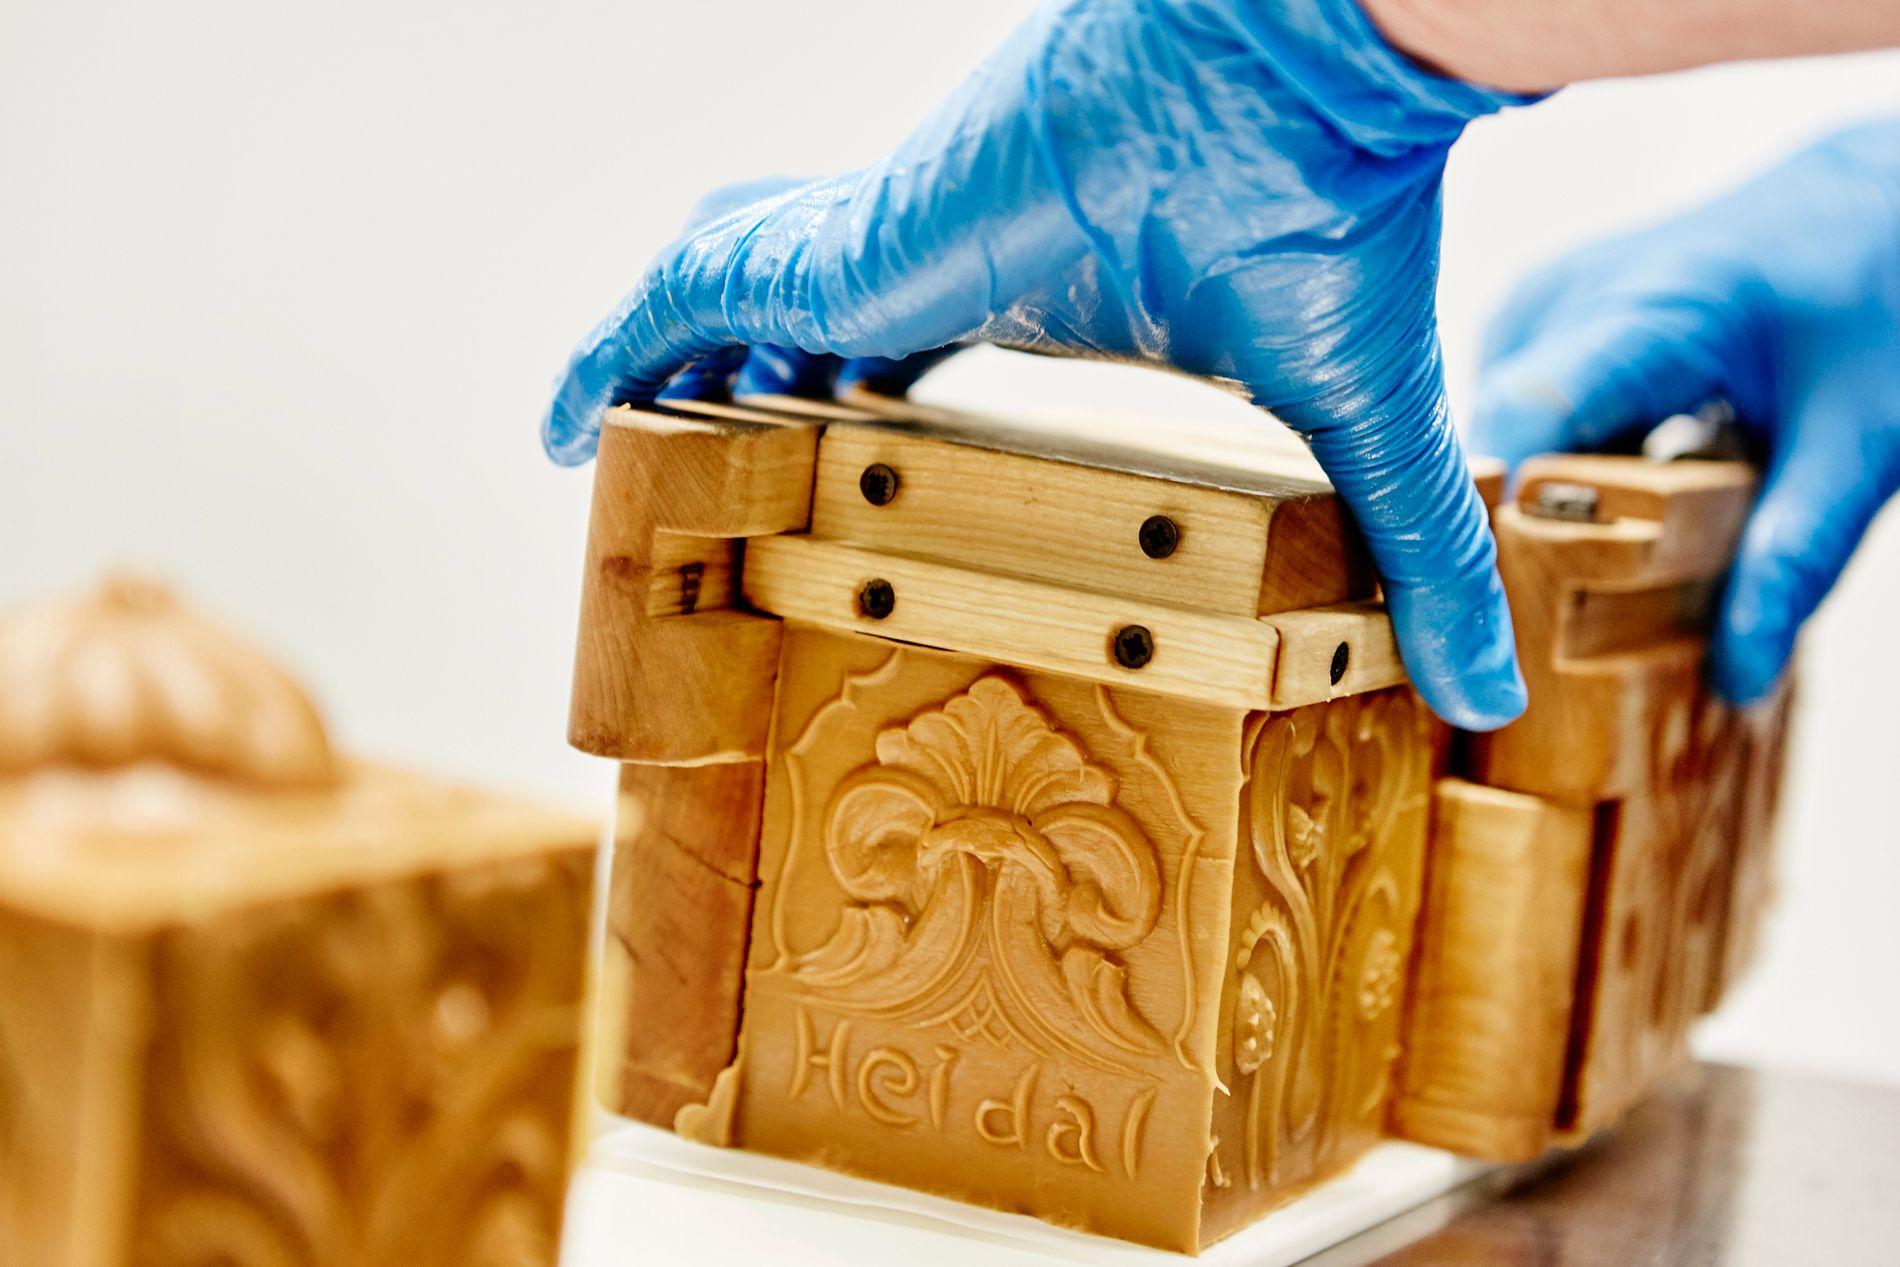 HISTORISK BRUNOST: En ferdig stappet Heidalsost med akantusmønster tas ut av formen. Dette er tradisjonelle osteformer laget av en lokal treskjærer.